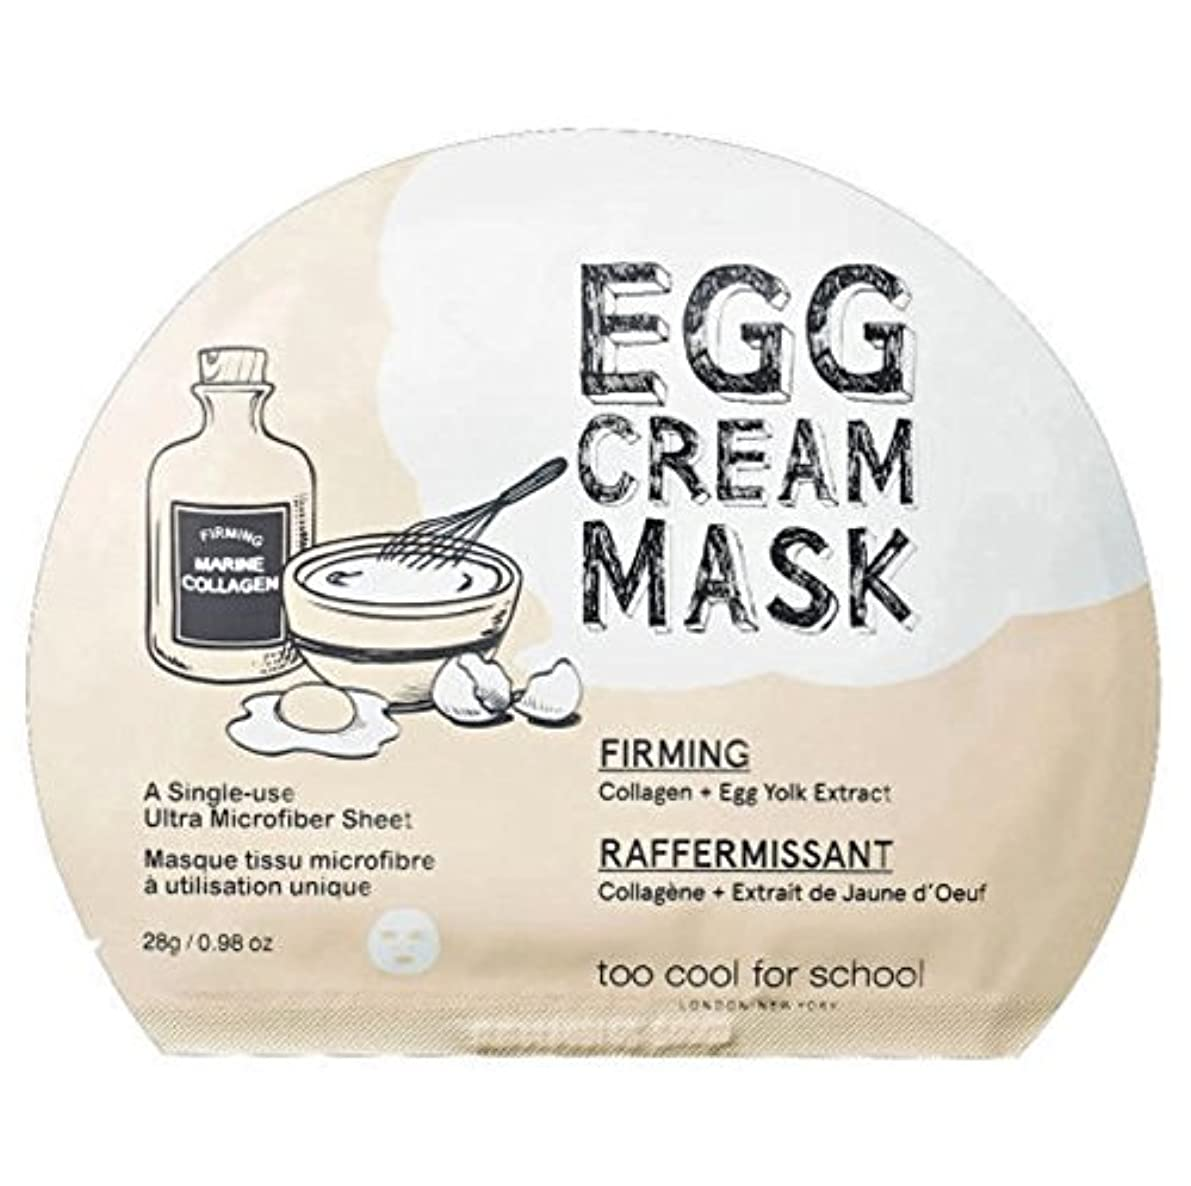 タッチ再現する気候[New] too cool for school Egg Cream Mask (Firming) 28g × 5ea/トゥークール フォースクール エッグ クリーム マスク (ファーミング) 28g × 5枚